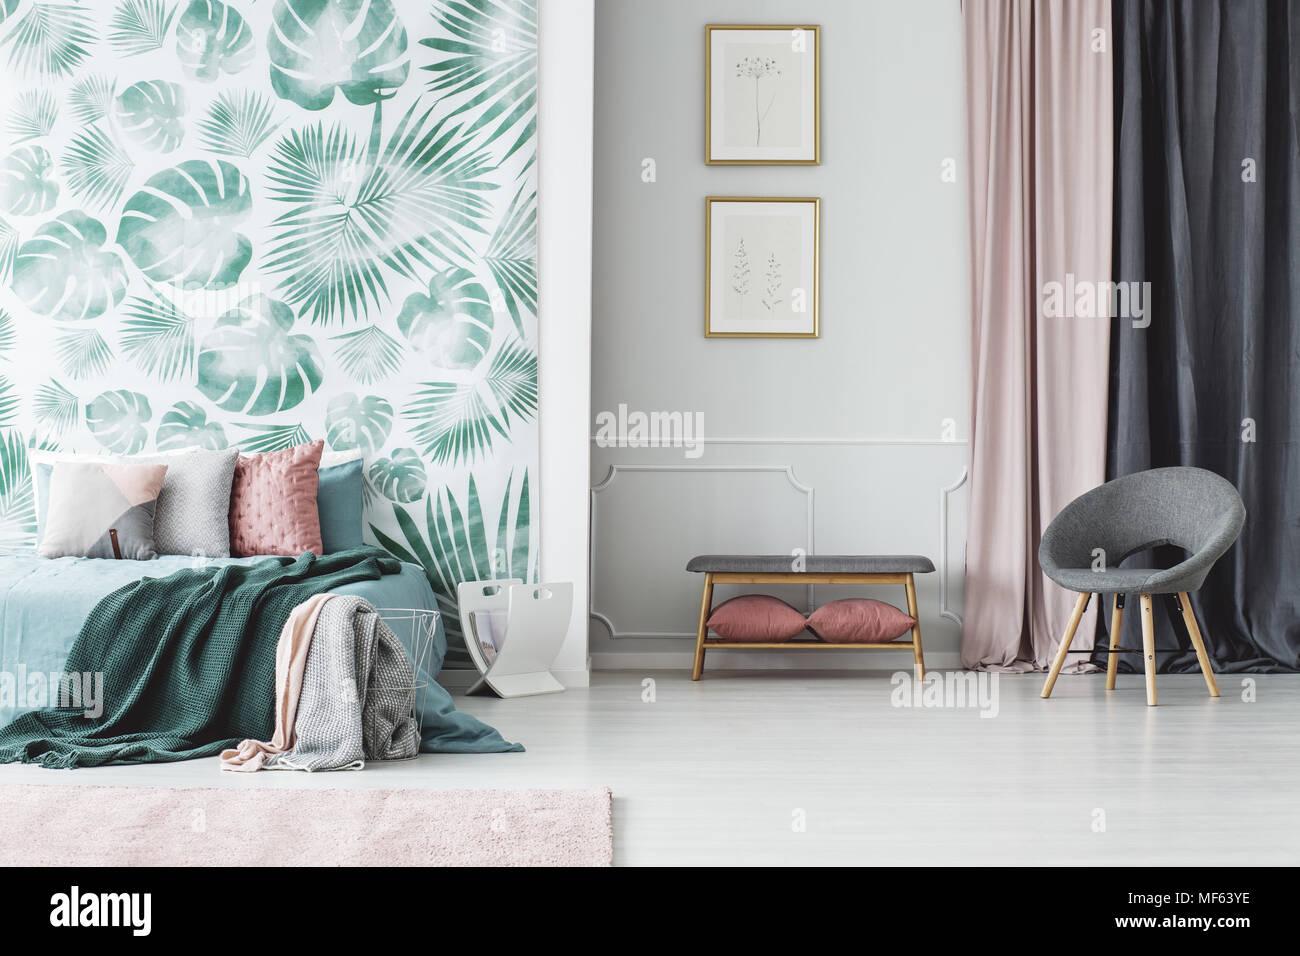 Fauteuil Gris Et Des Affiches à Lu0027intérieur Chambre à Coucher Avec Lit Vert  Contre Les Feuilles Papier Peint